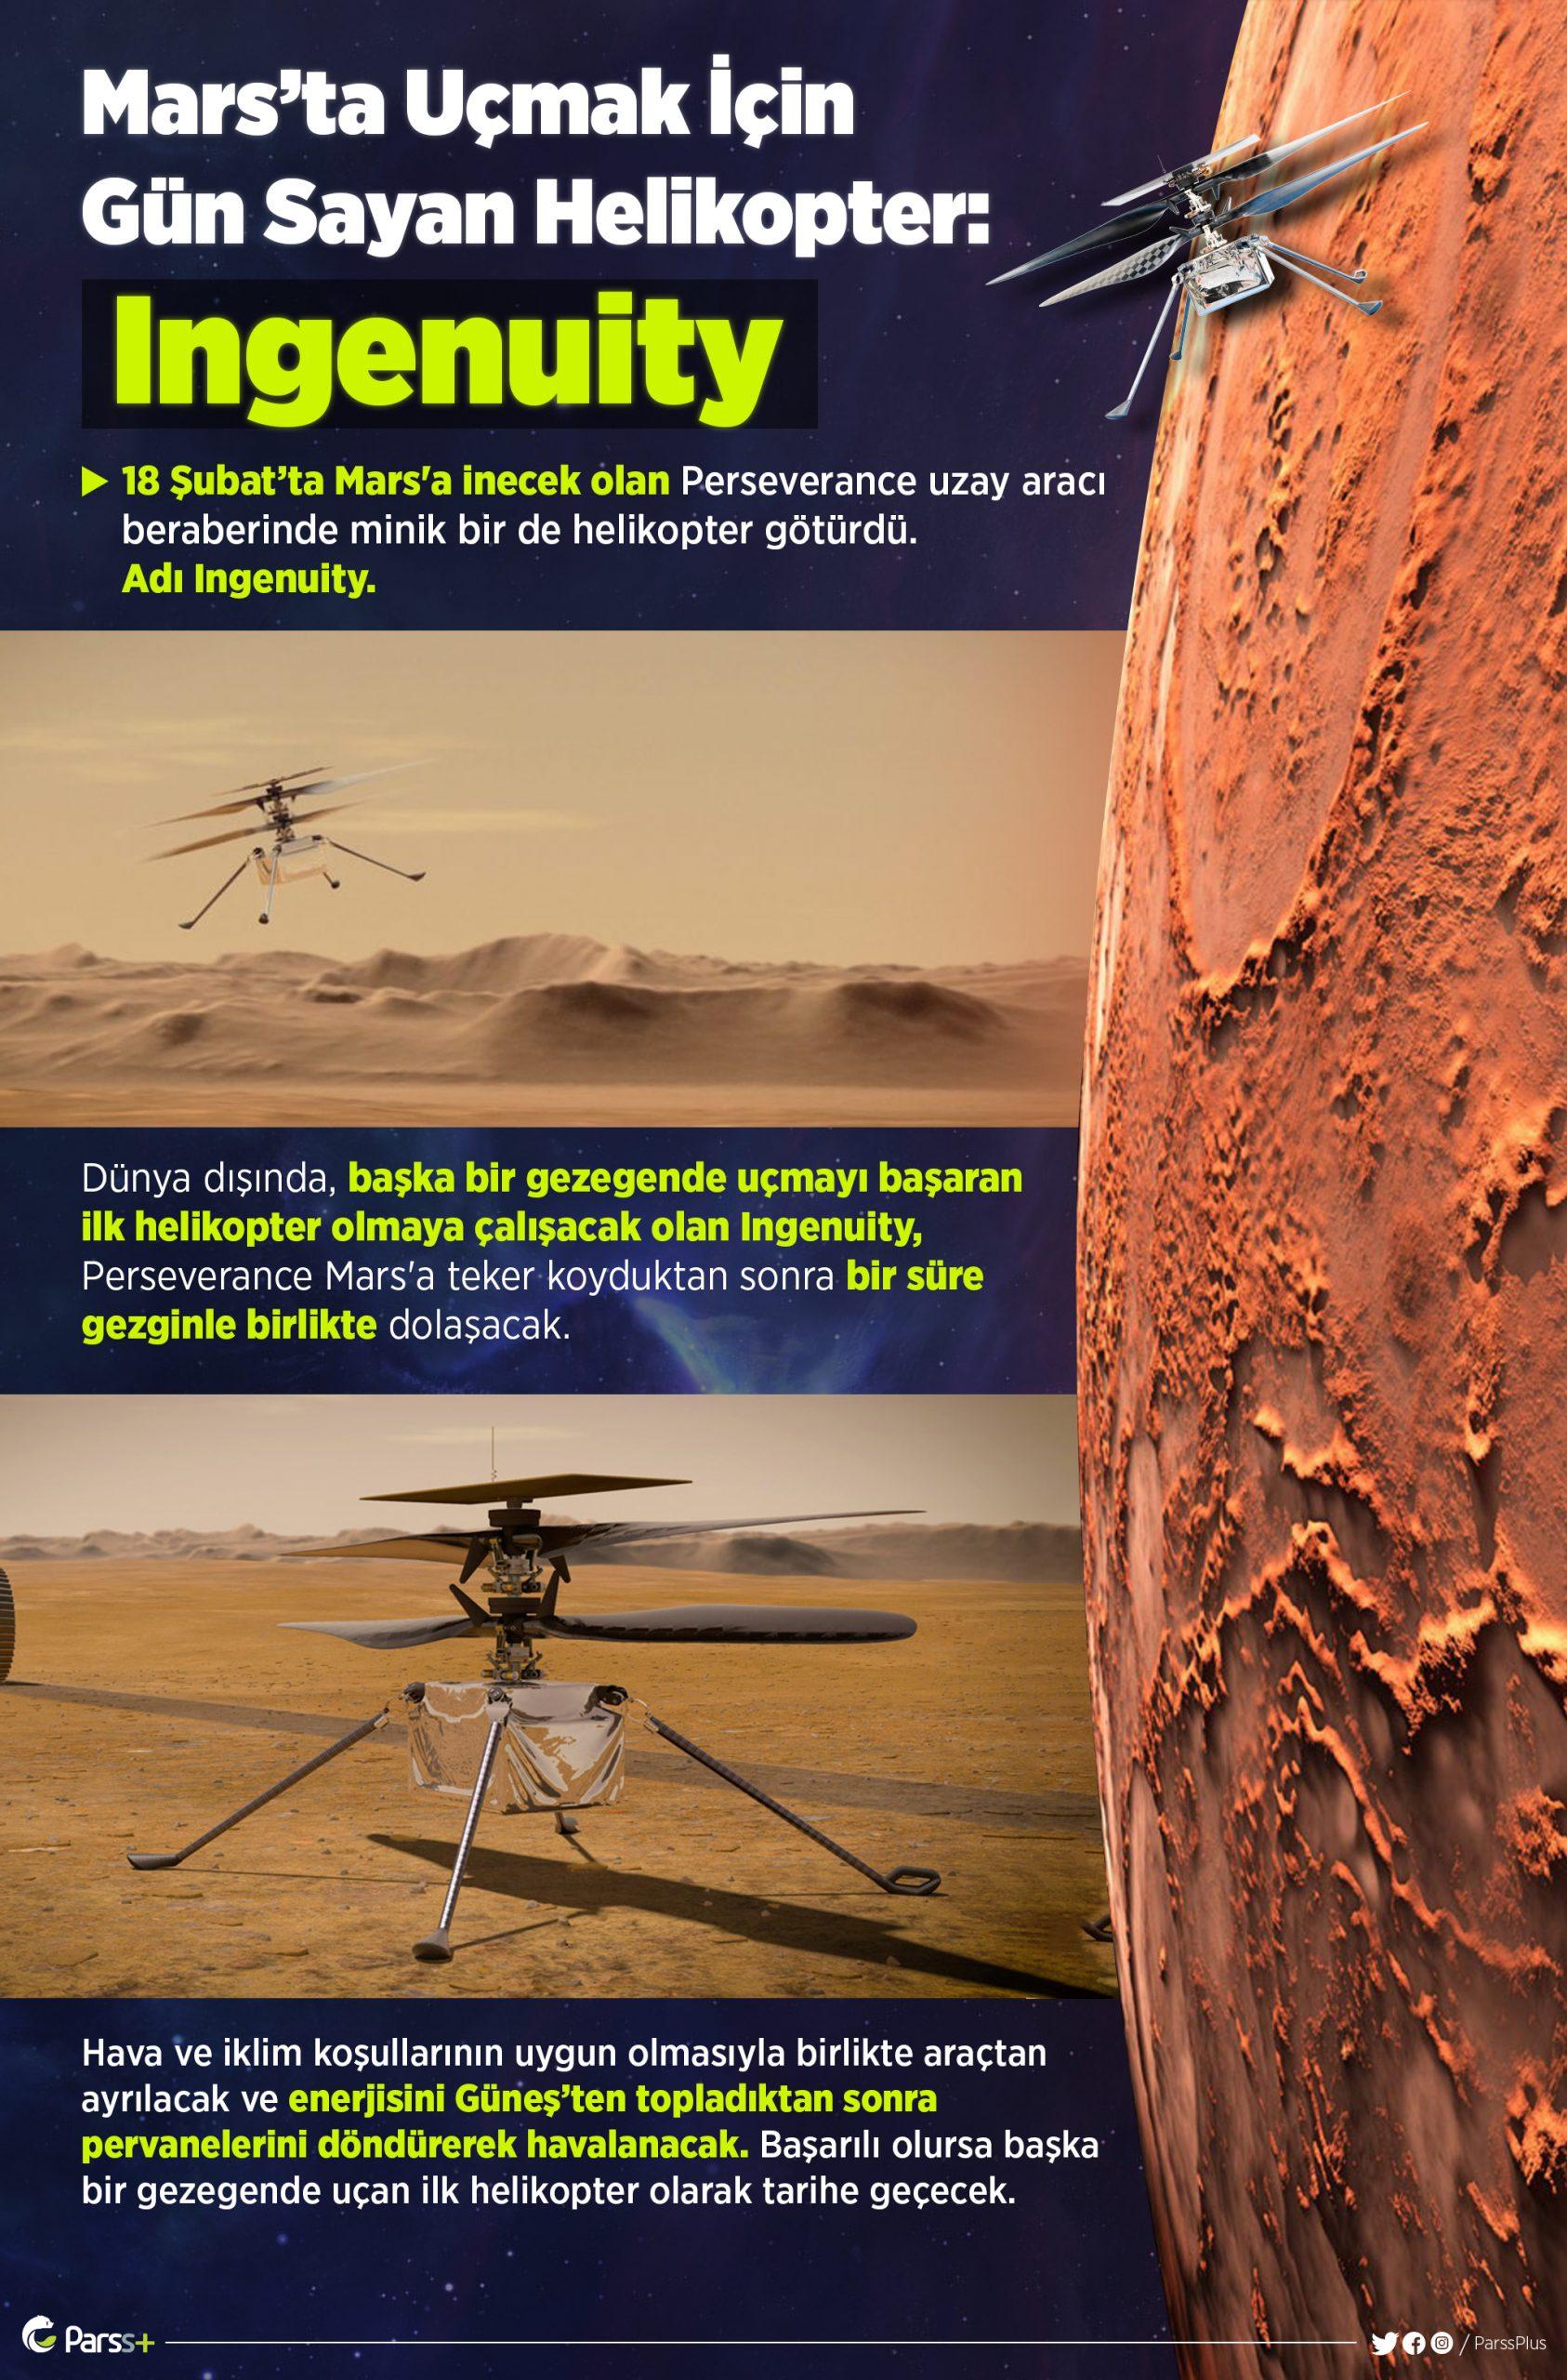 Mars'ta Uçmak İçin Gün Sayan Helikopter: Ingenuity